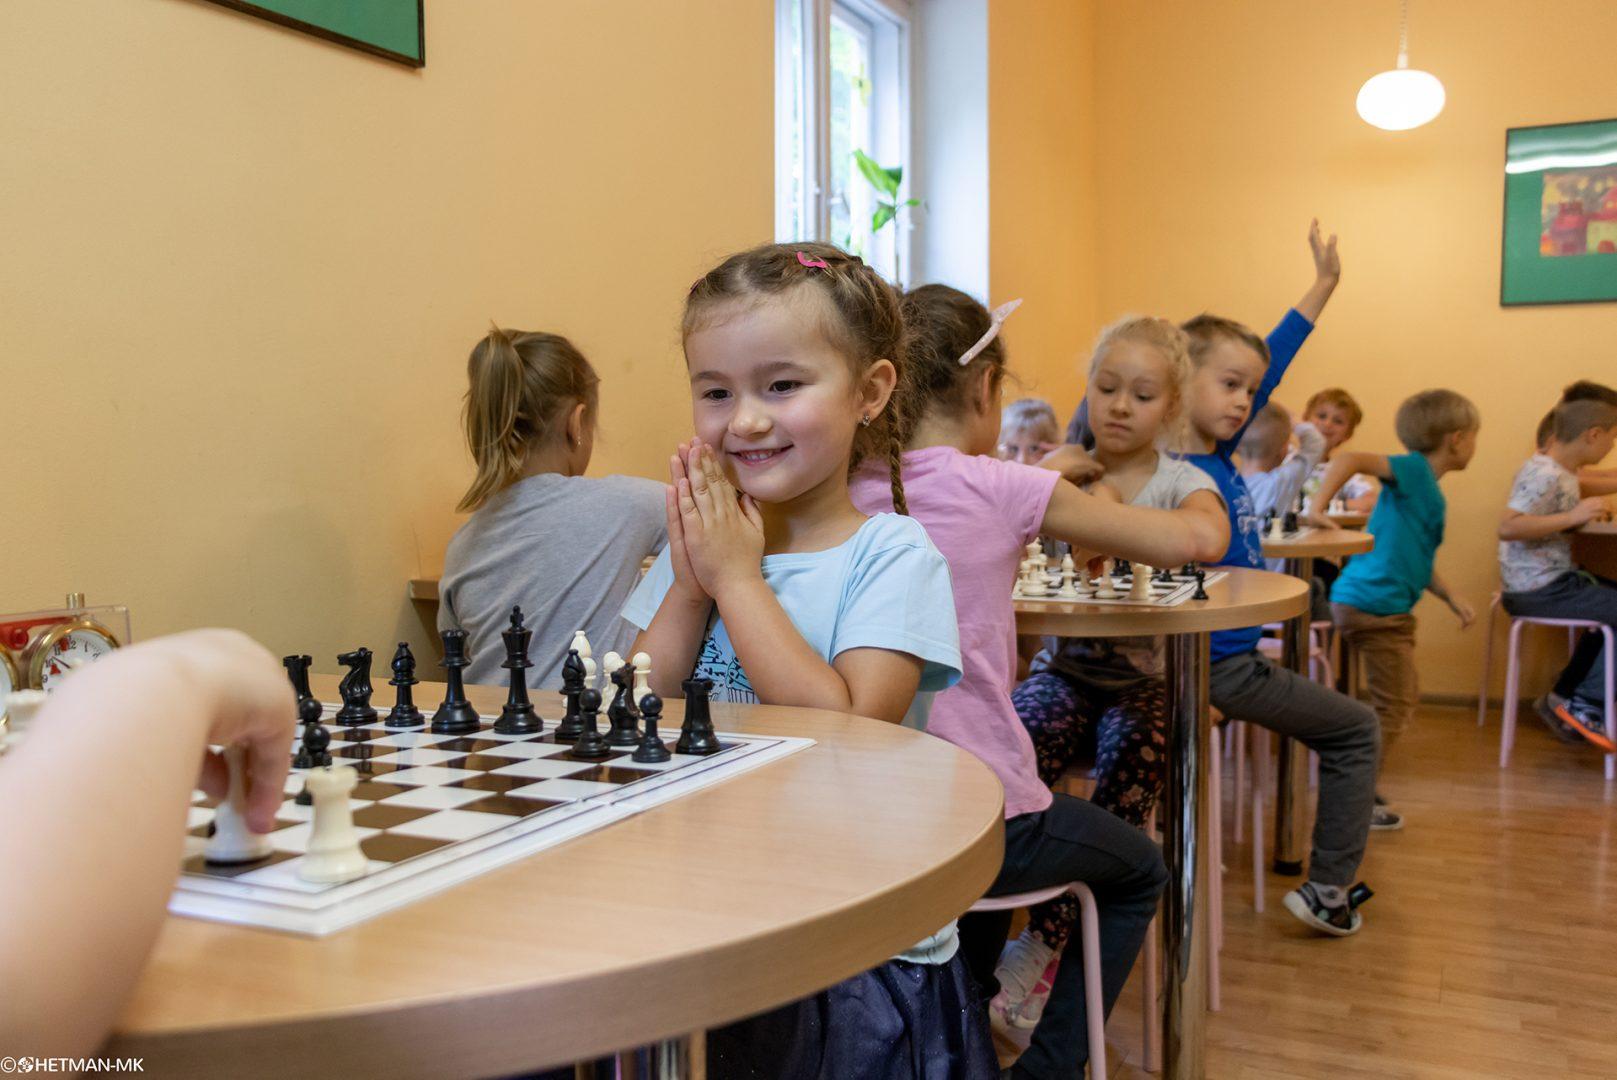 VIII Szachowe Mistrzostwa Społecznego Przedszkola Akademia Przedszkolaka, Świdnica, 14.06.2018